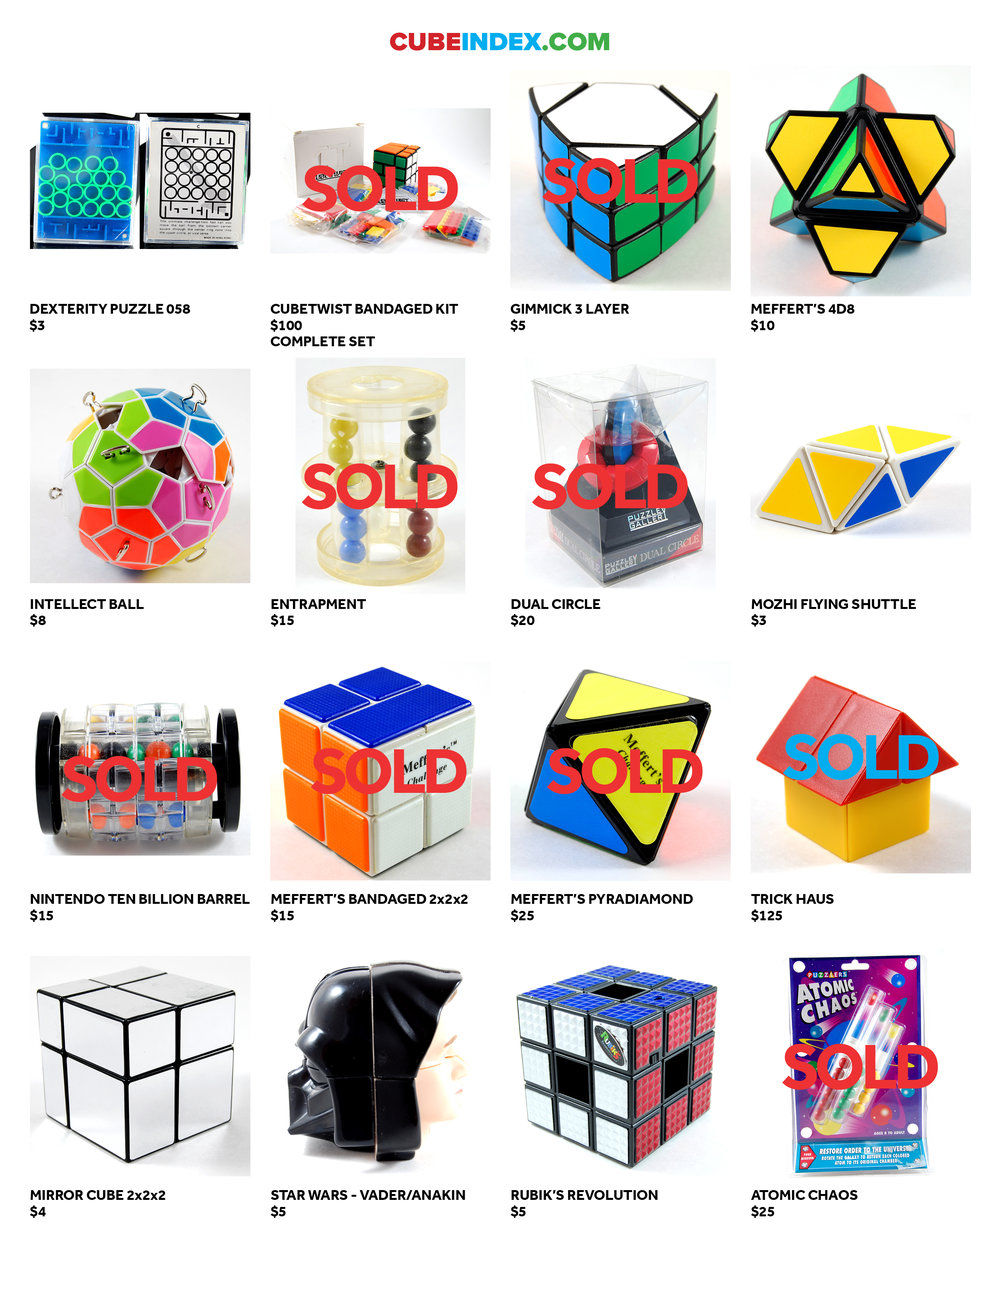 cube-index-for-sale-catalog-april-2017-v524.jpg